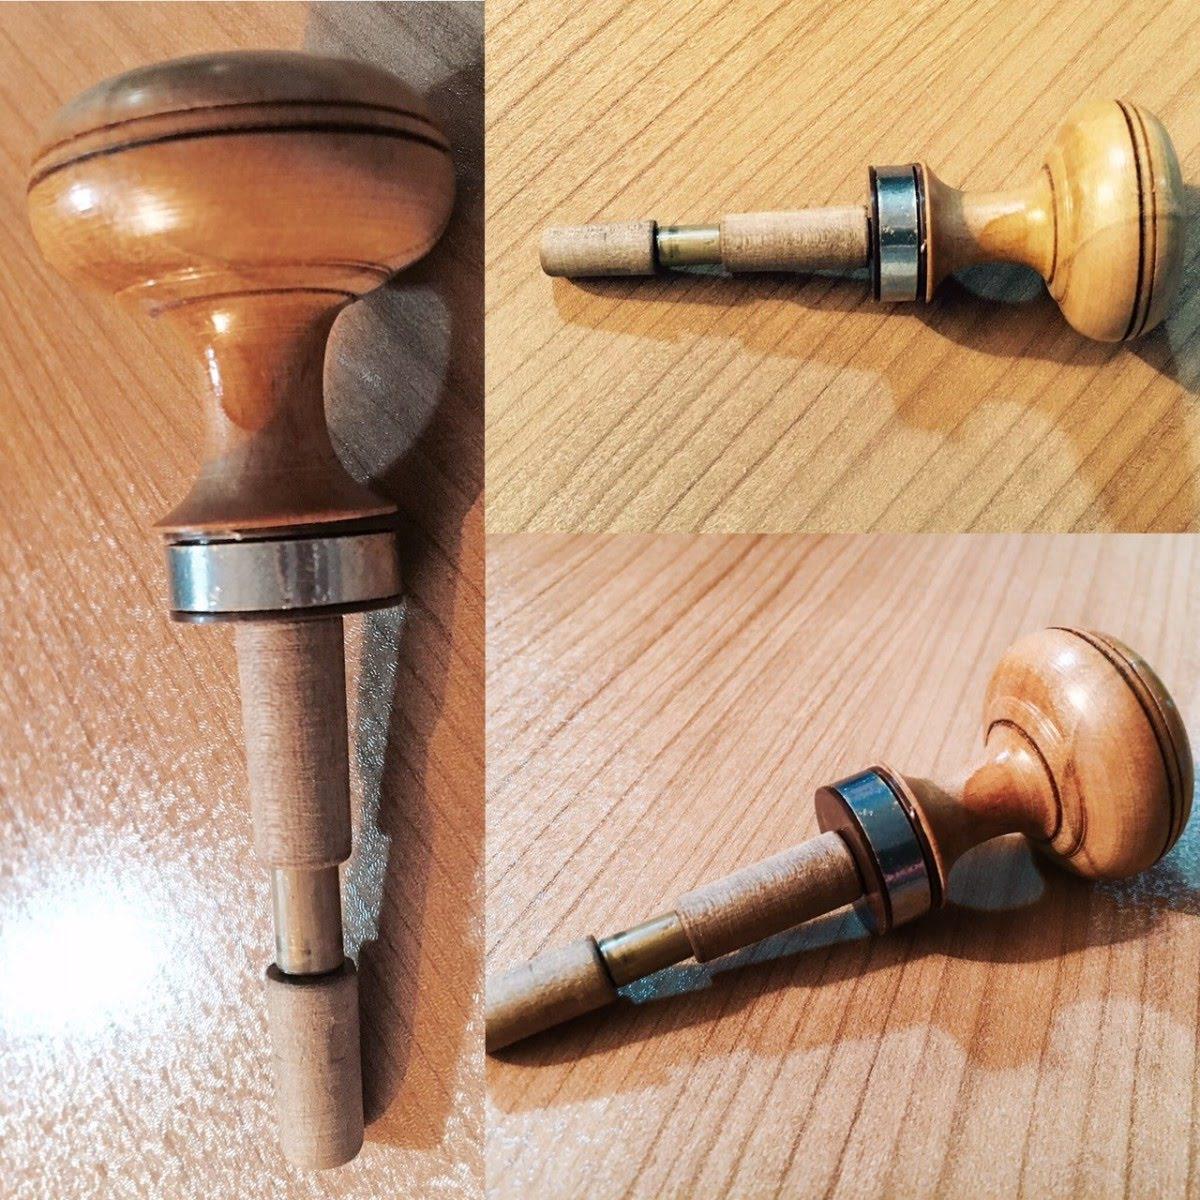 گوشی روانکوک تار و کمانچه  شامل ۱ گوشی